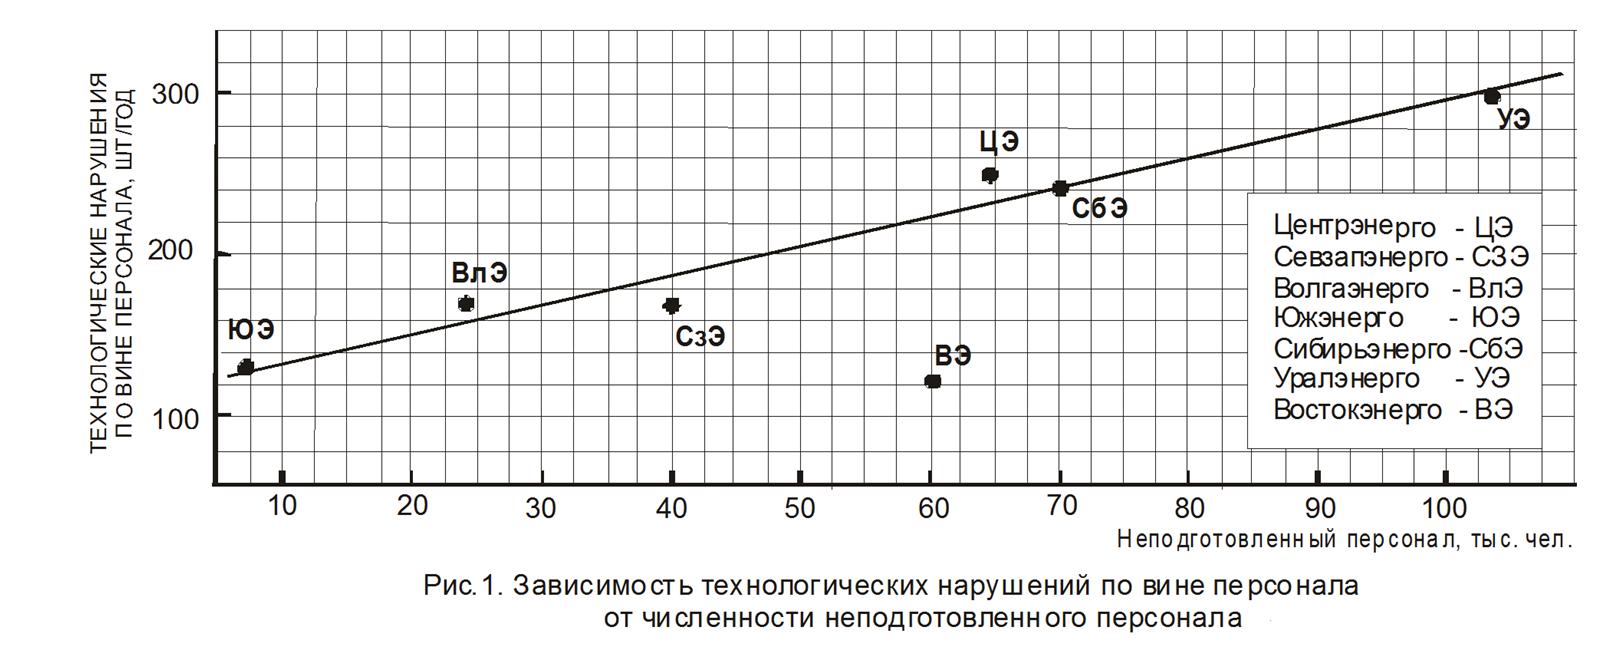 инструкция по эксплуаутации сименс c60